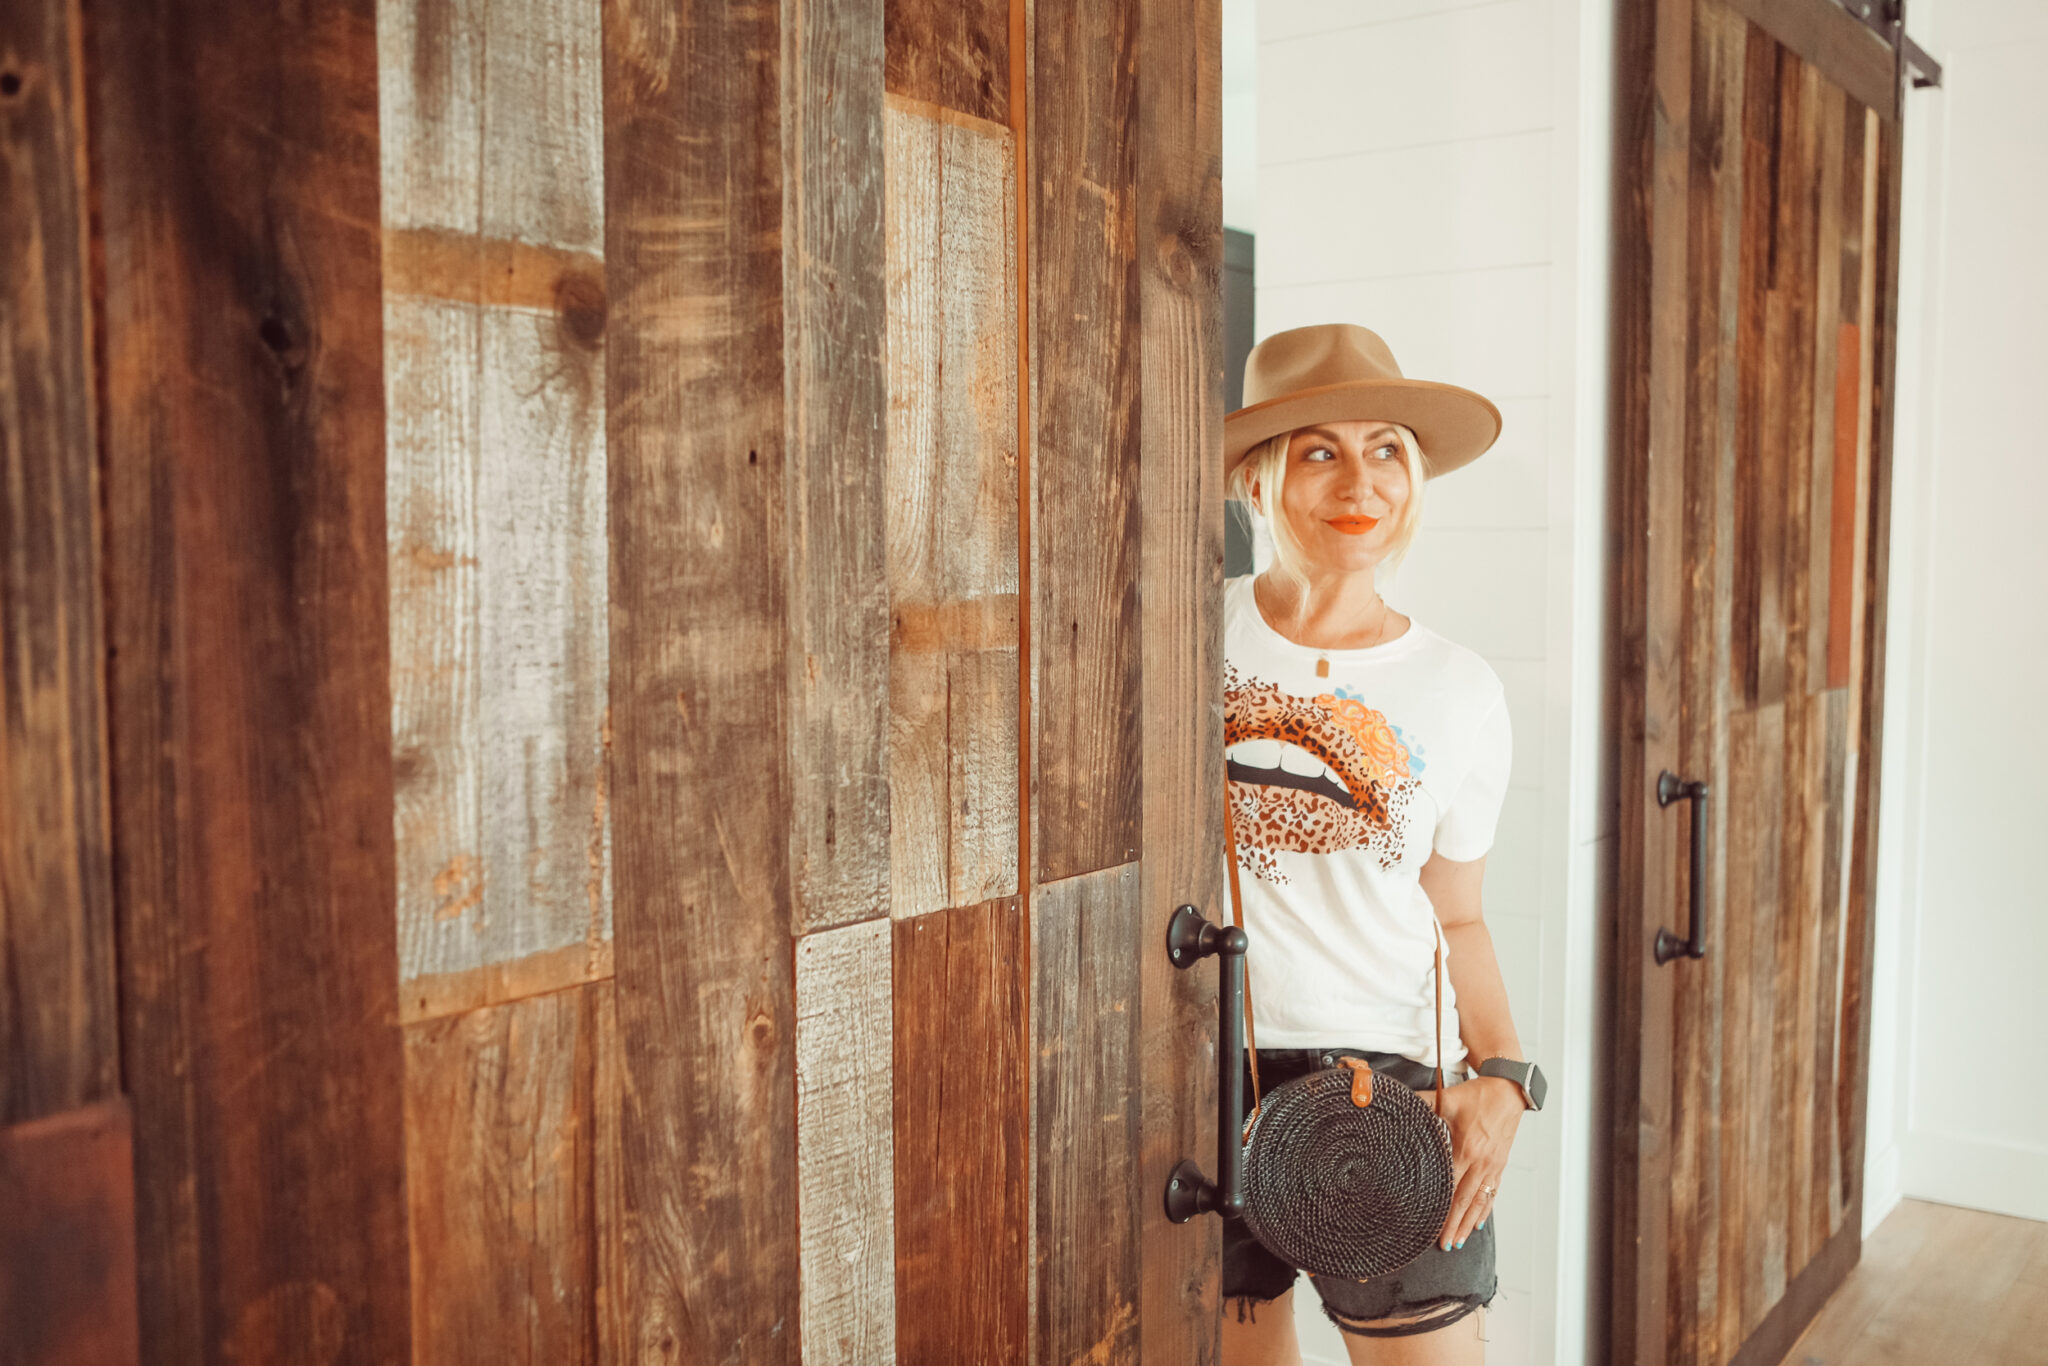 woman looking from behind door